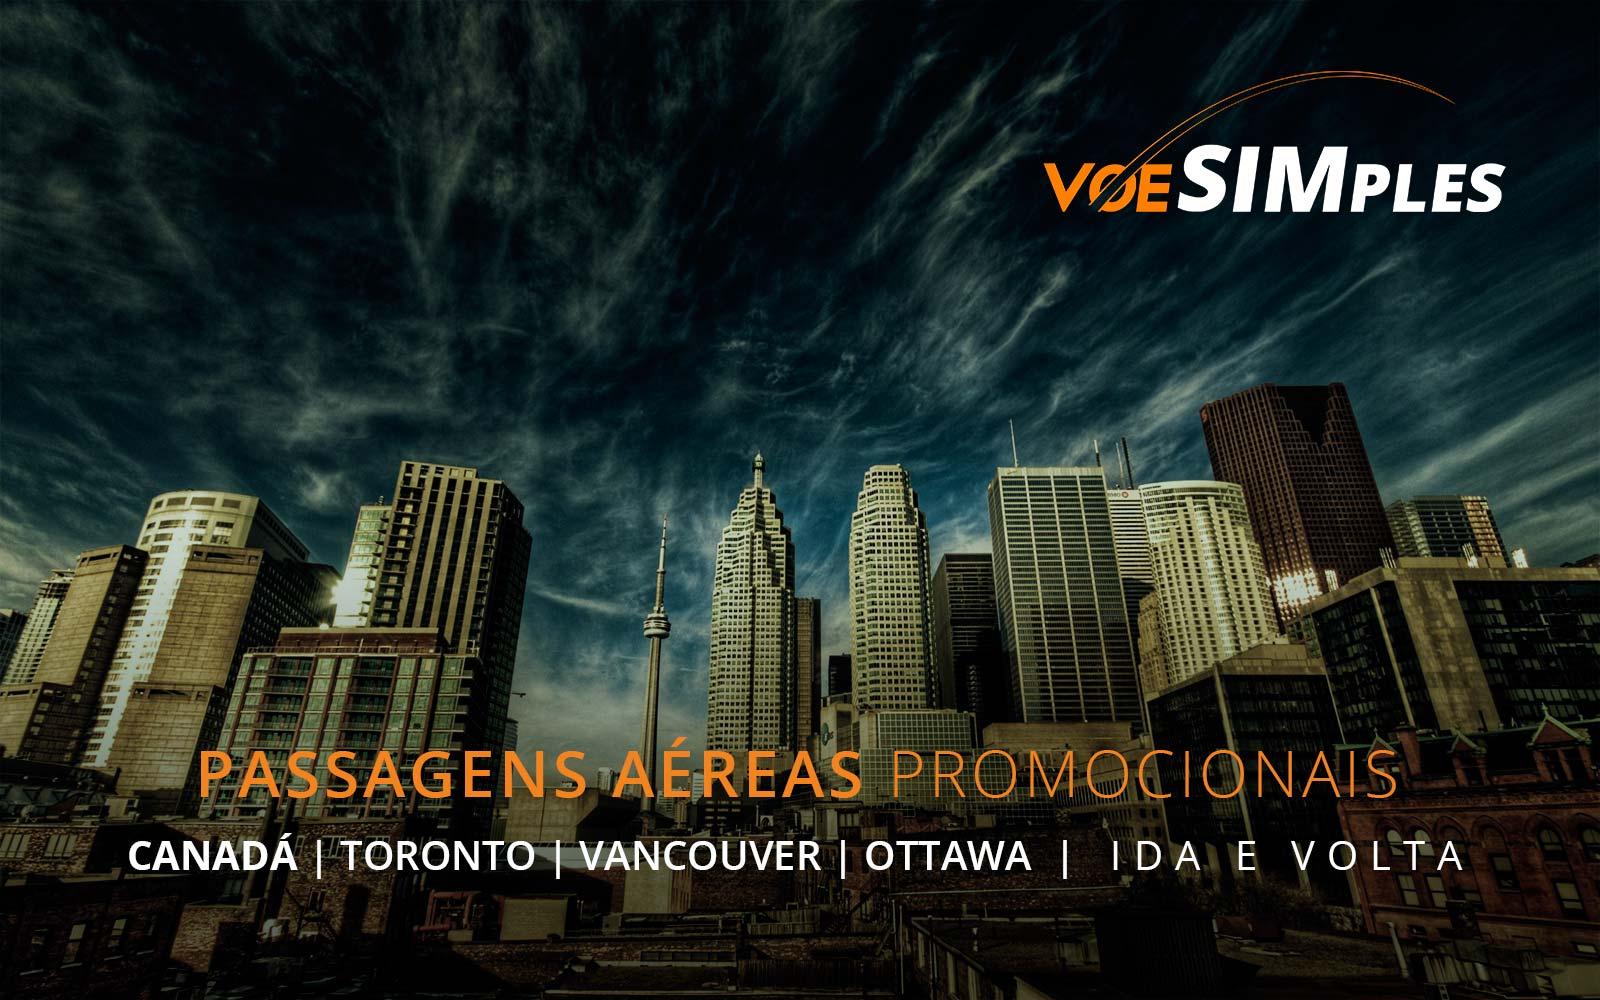 Passagens aéreas promocionais para Montreal, Toronto, Vancouver e Ottawa no Canadá